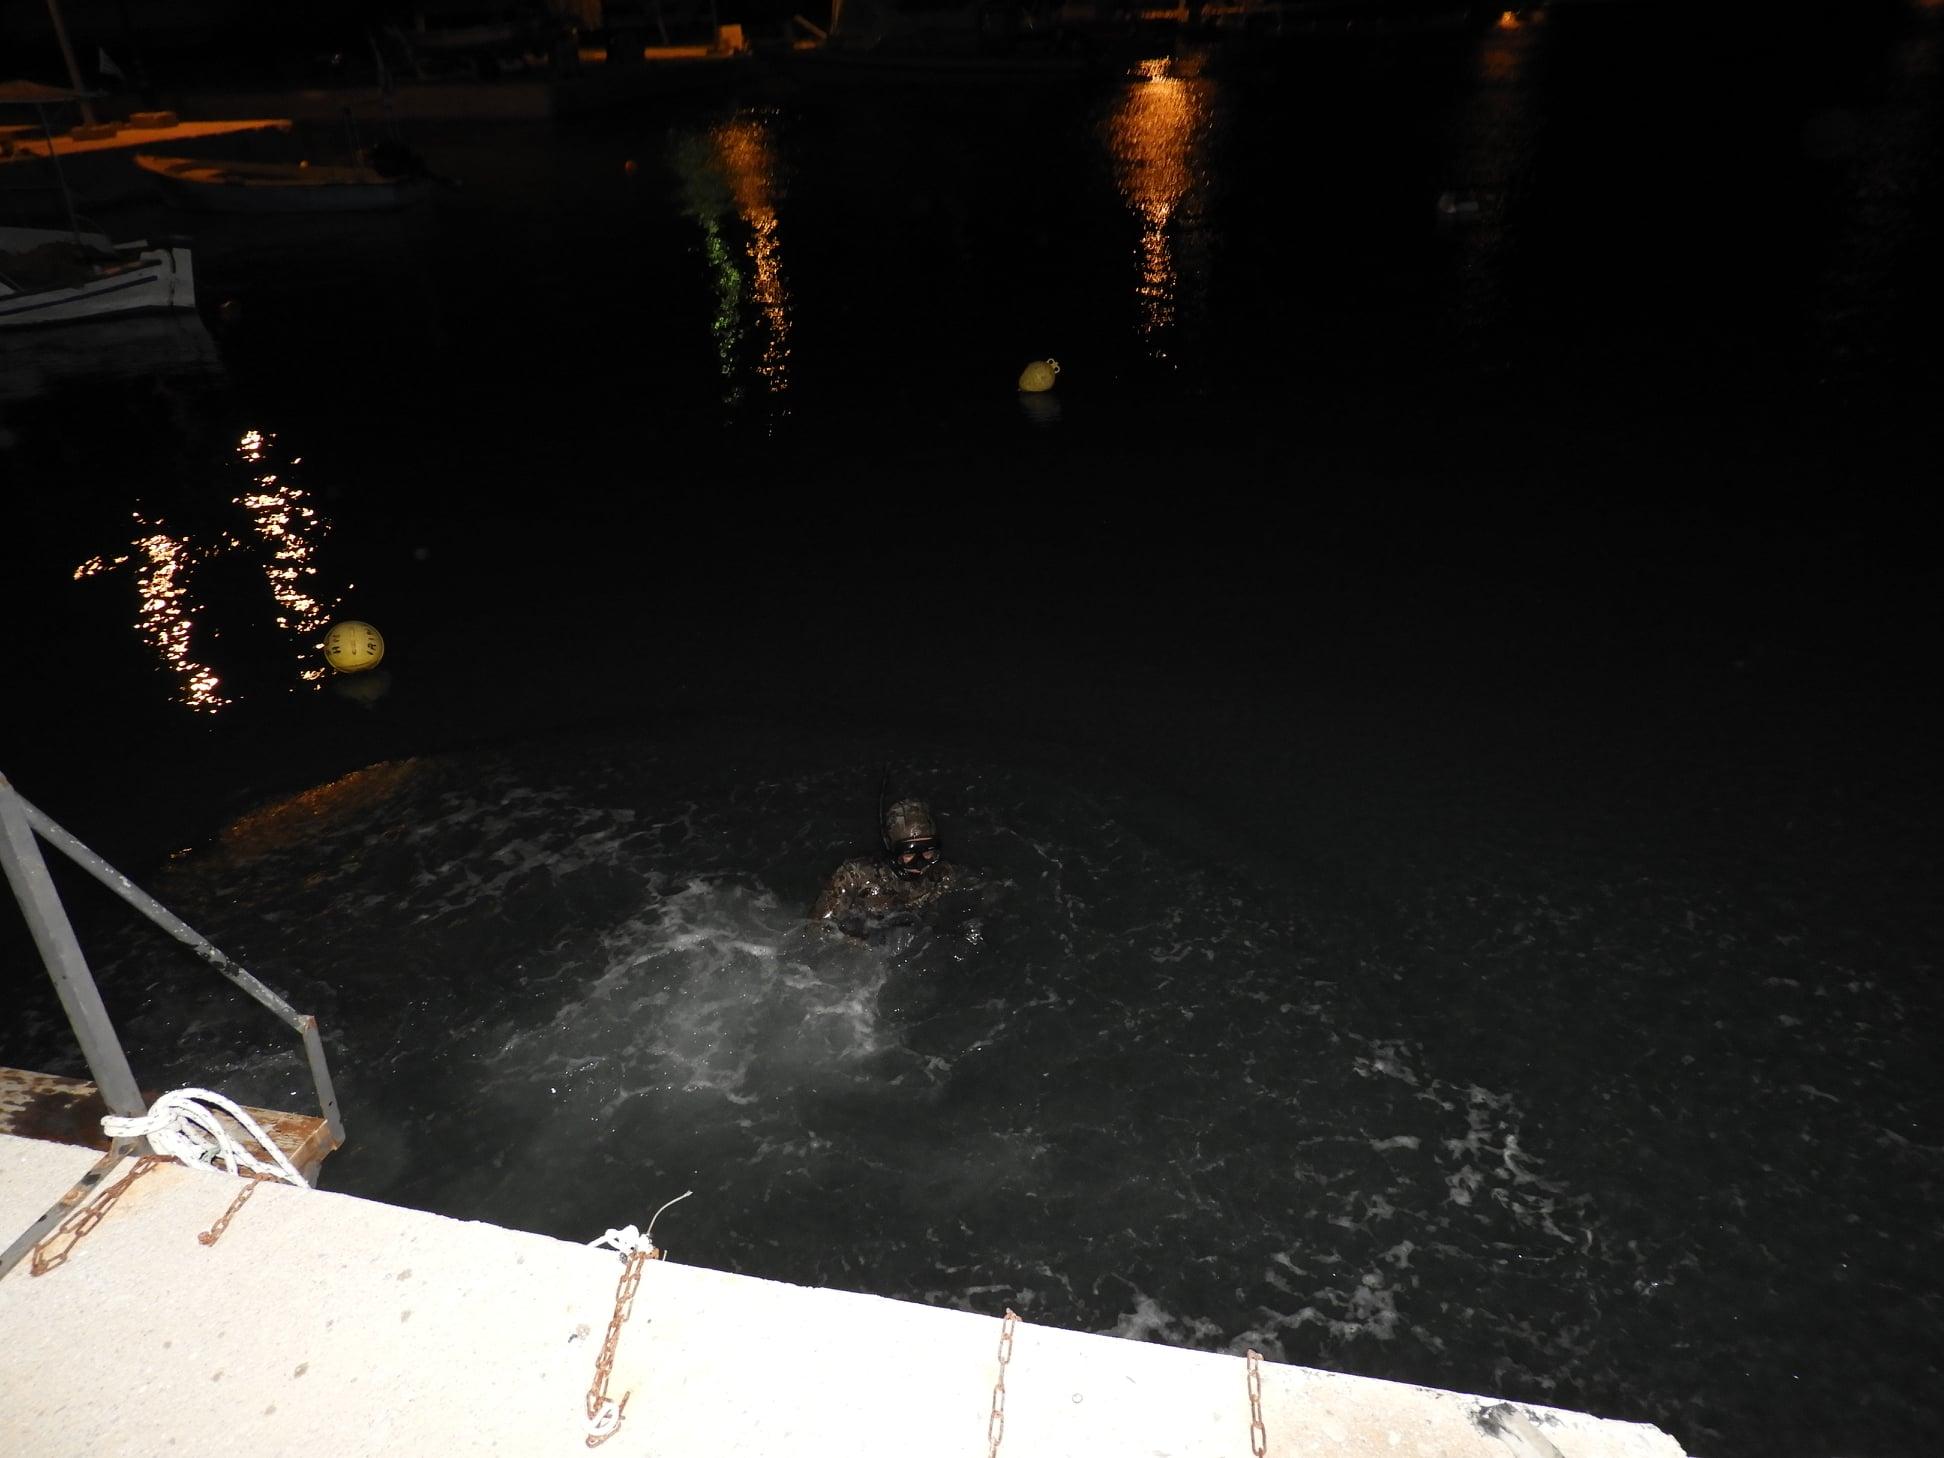 Συγχαρητήρια στον λιμενικό που βούτηξε στα παγωμένα νερά για να σώσει οδηγό στον Κόκκινο Πύργο